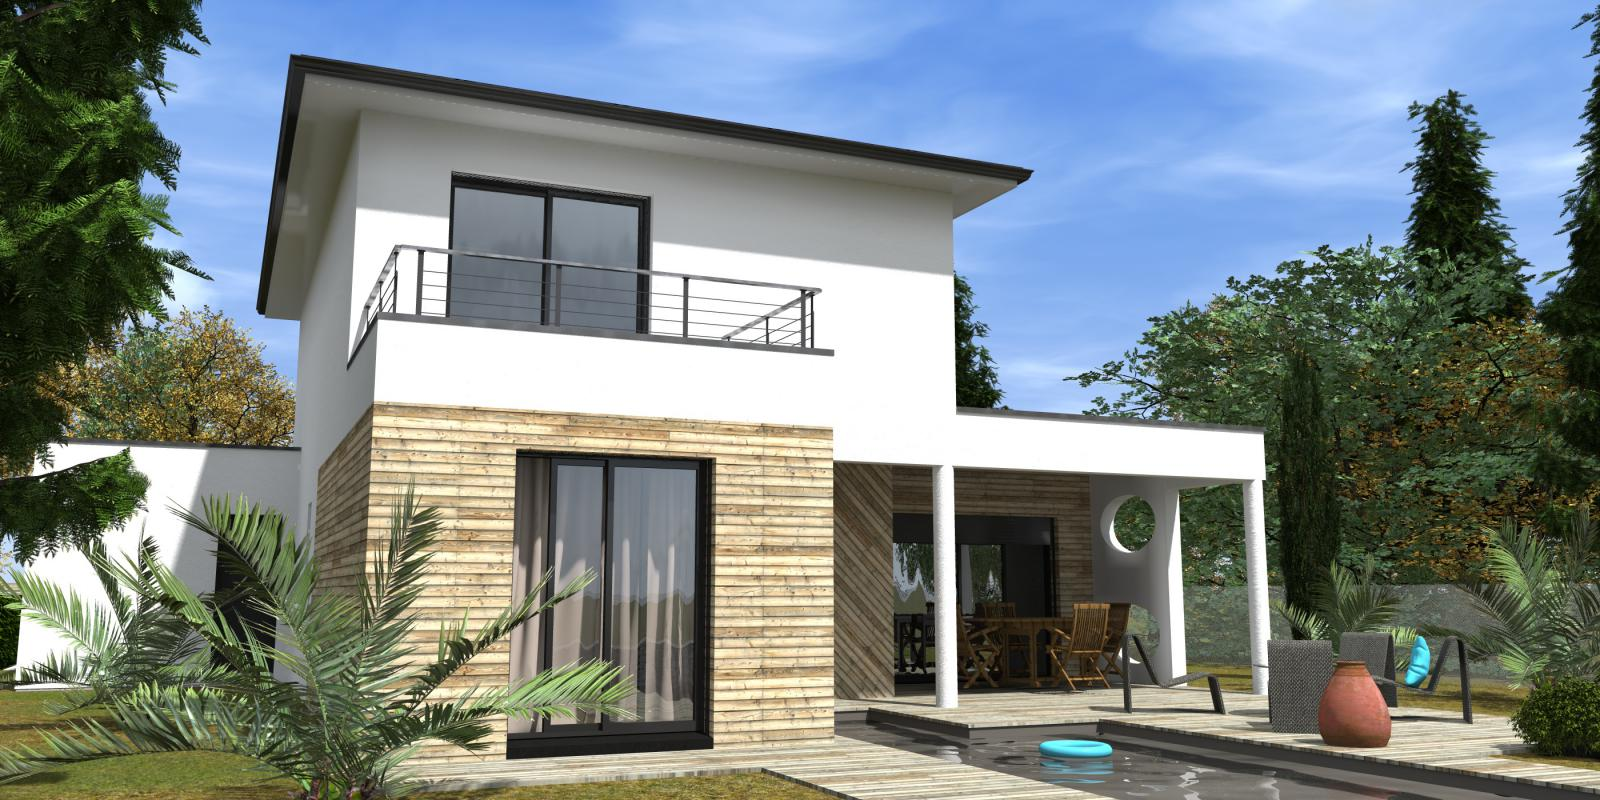 Maisons + Terrains du constructeur GIB CONSTRUCTION • 137 m² • GUJAN MESTRAS